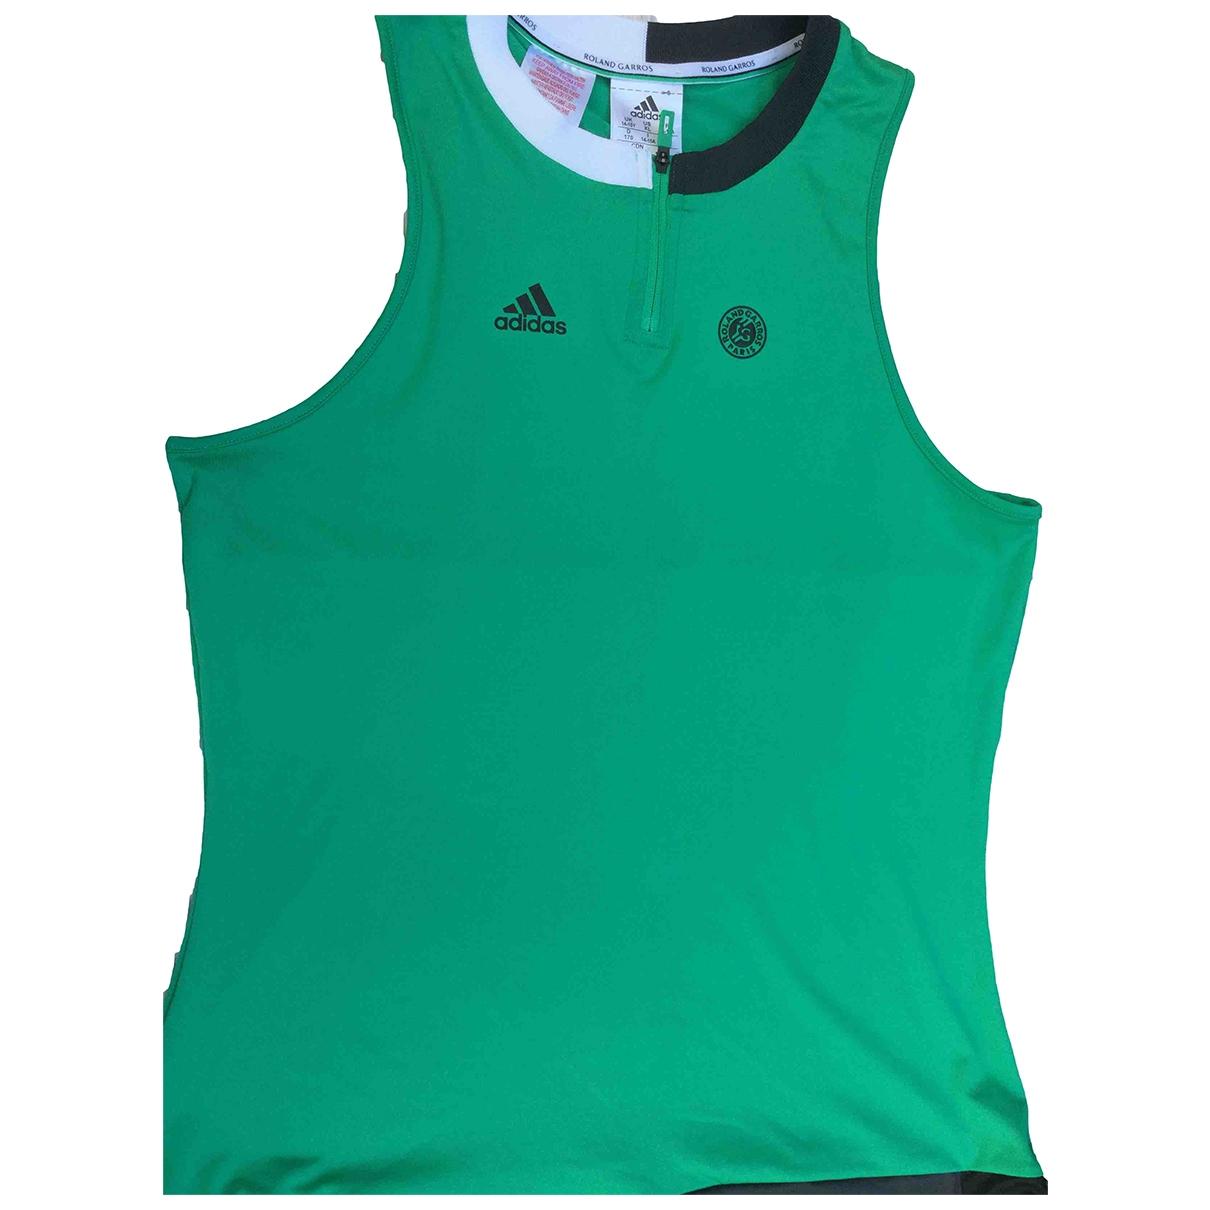 Adidas - Top   pour enfant - vert